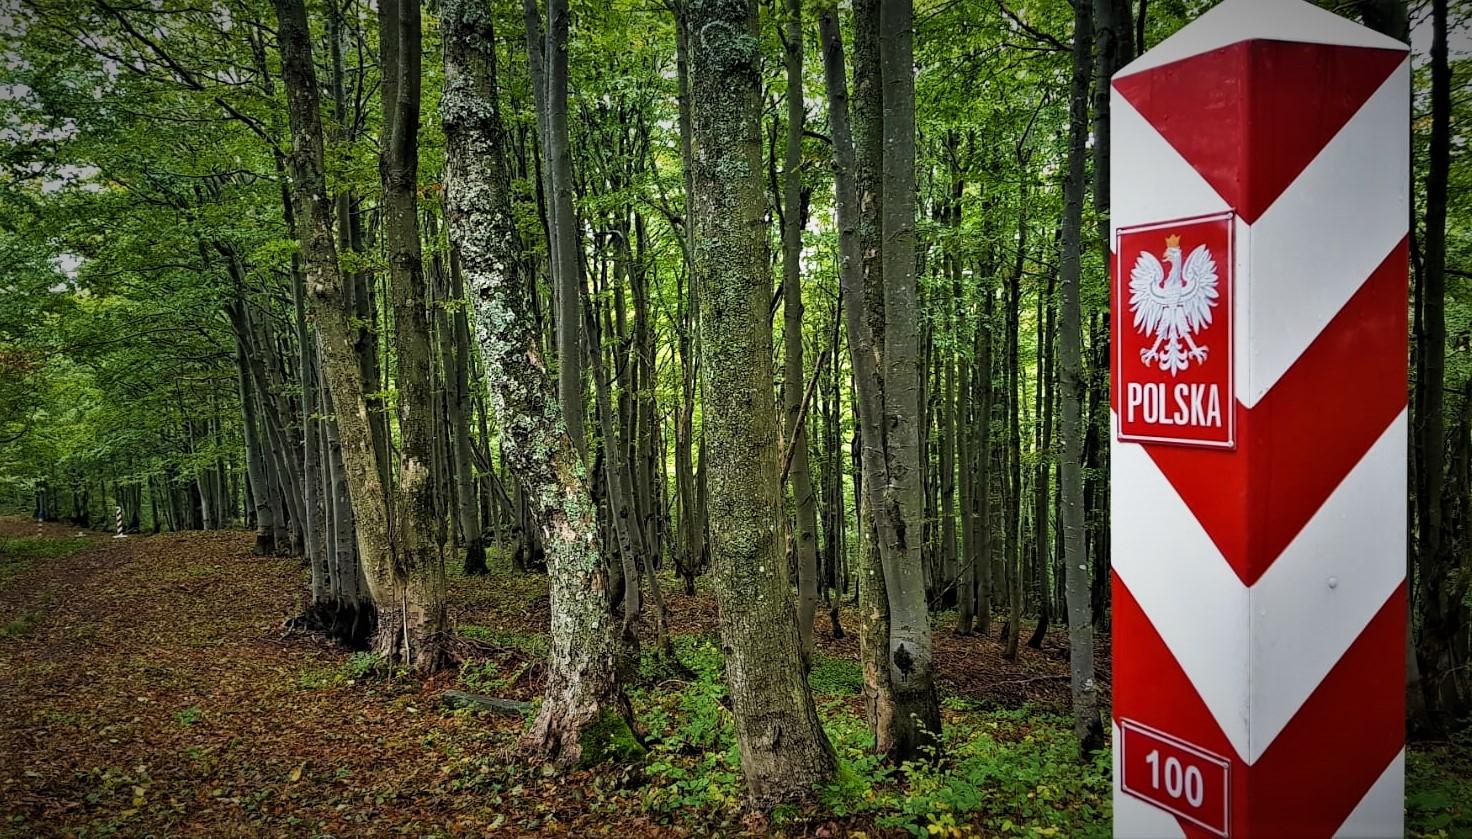 Dodatkowe przejście graniczne w Bieszczadach tylko przez 3 dni - Zdjęcie główne